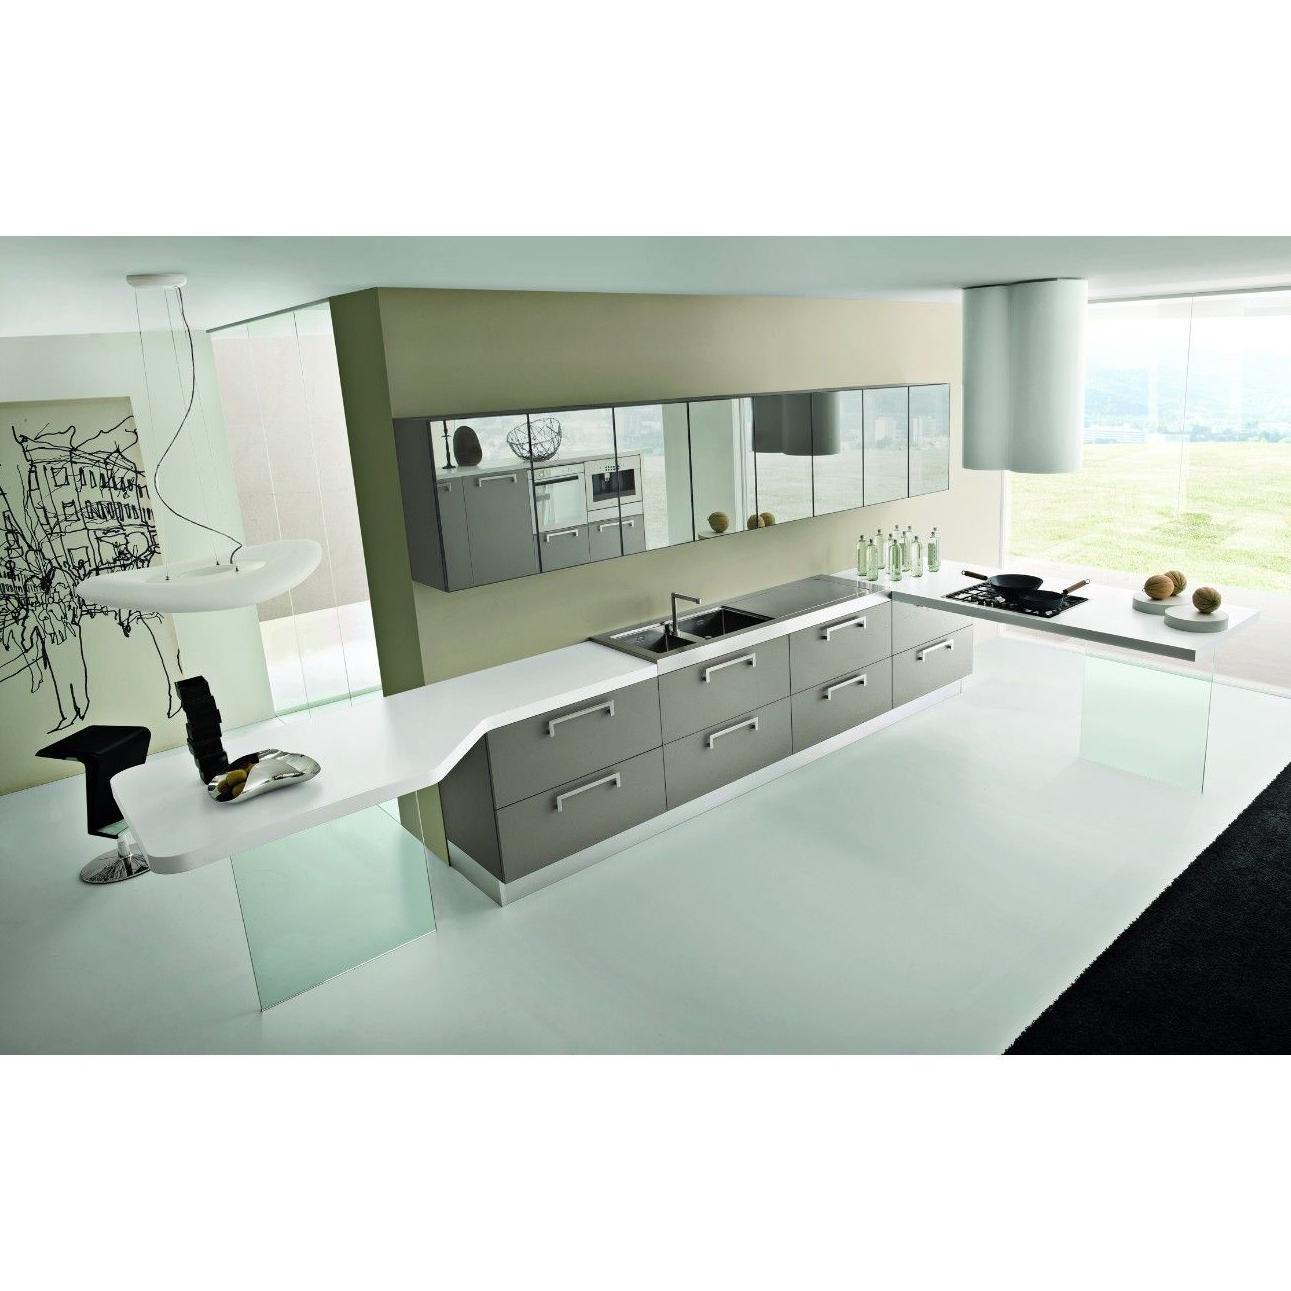 Cocinas modernas: Catálogo de Muebles Dolma